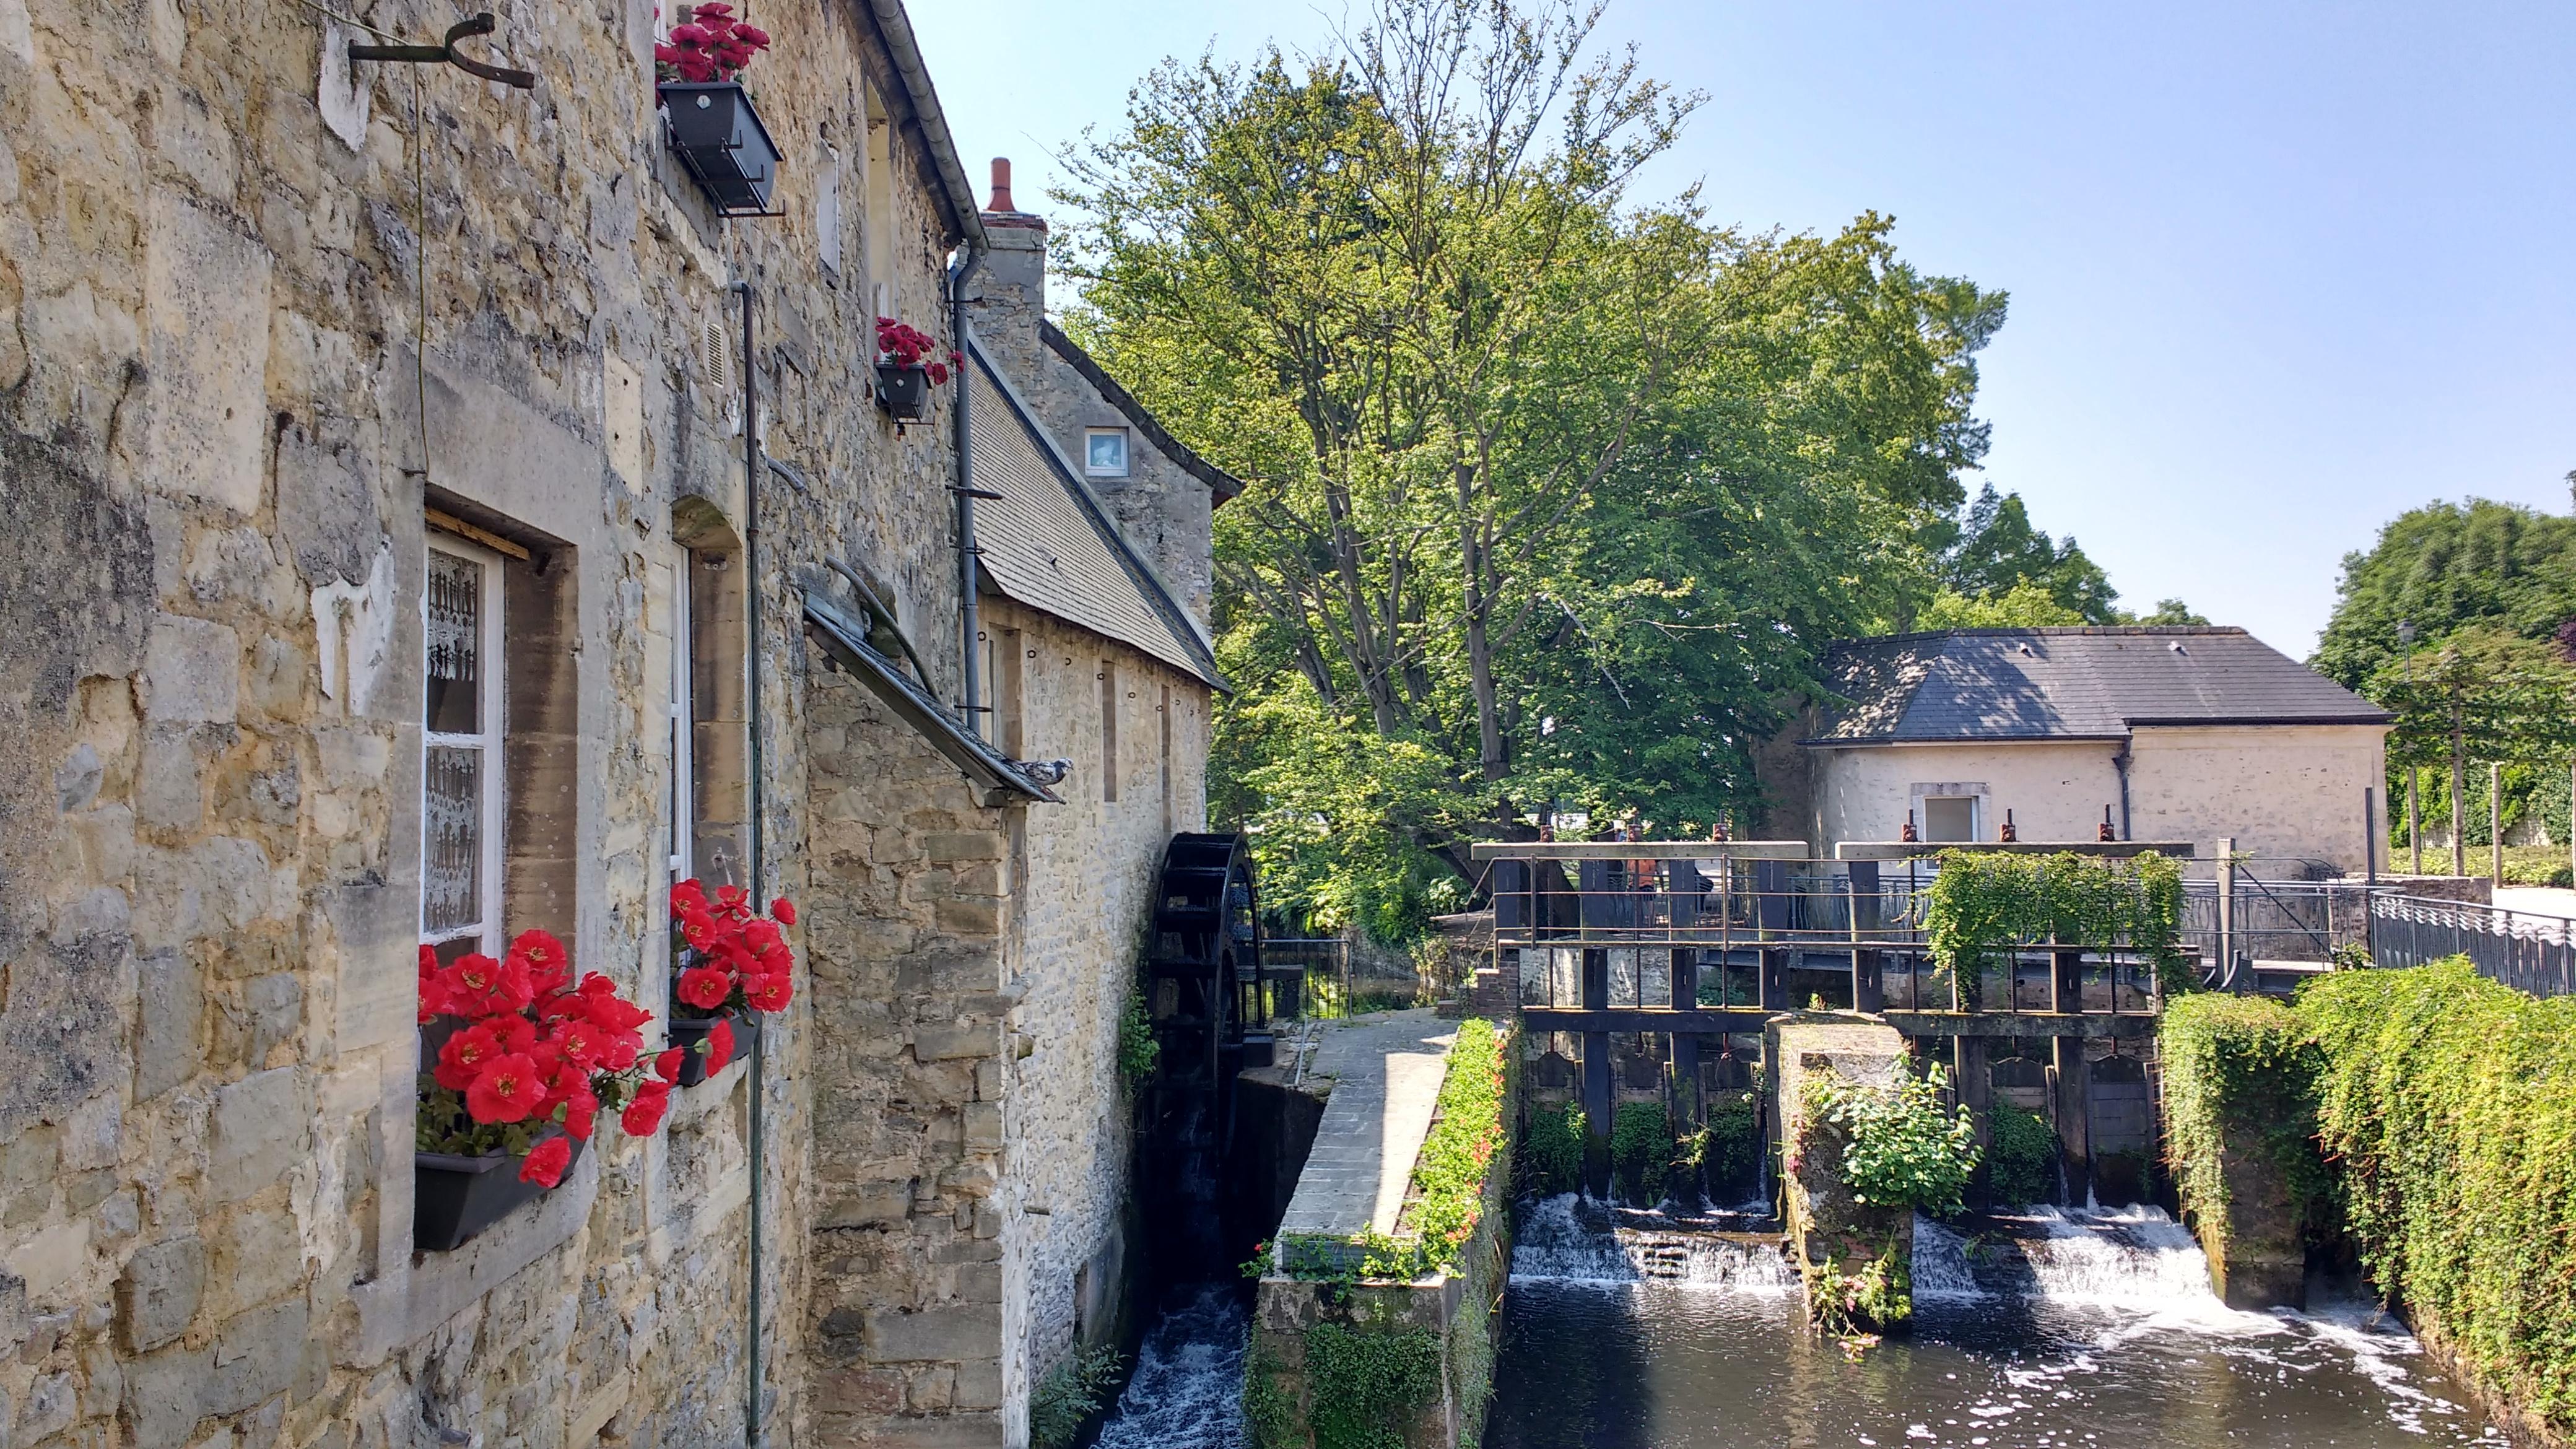 25 juin au 8 juillet 2018 en Normandie – Bayeux *